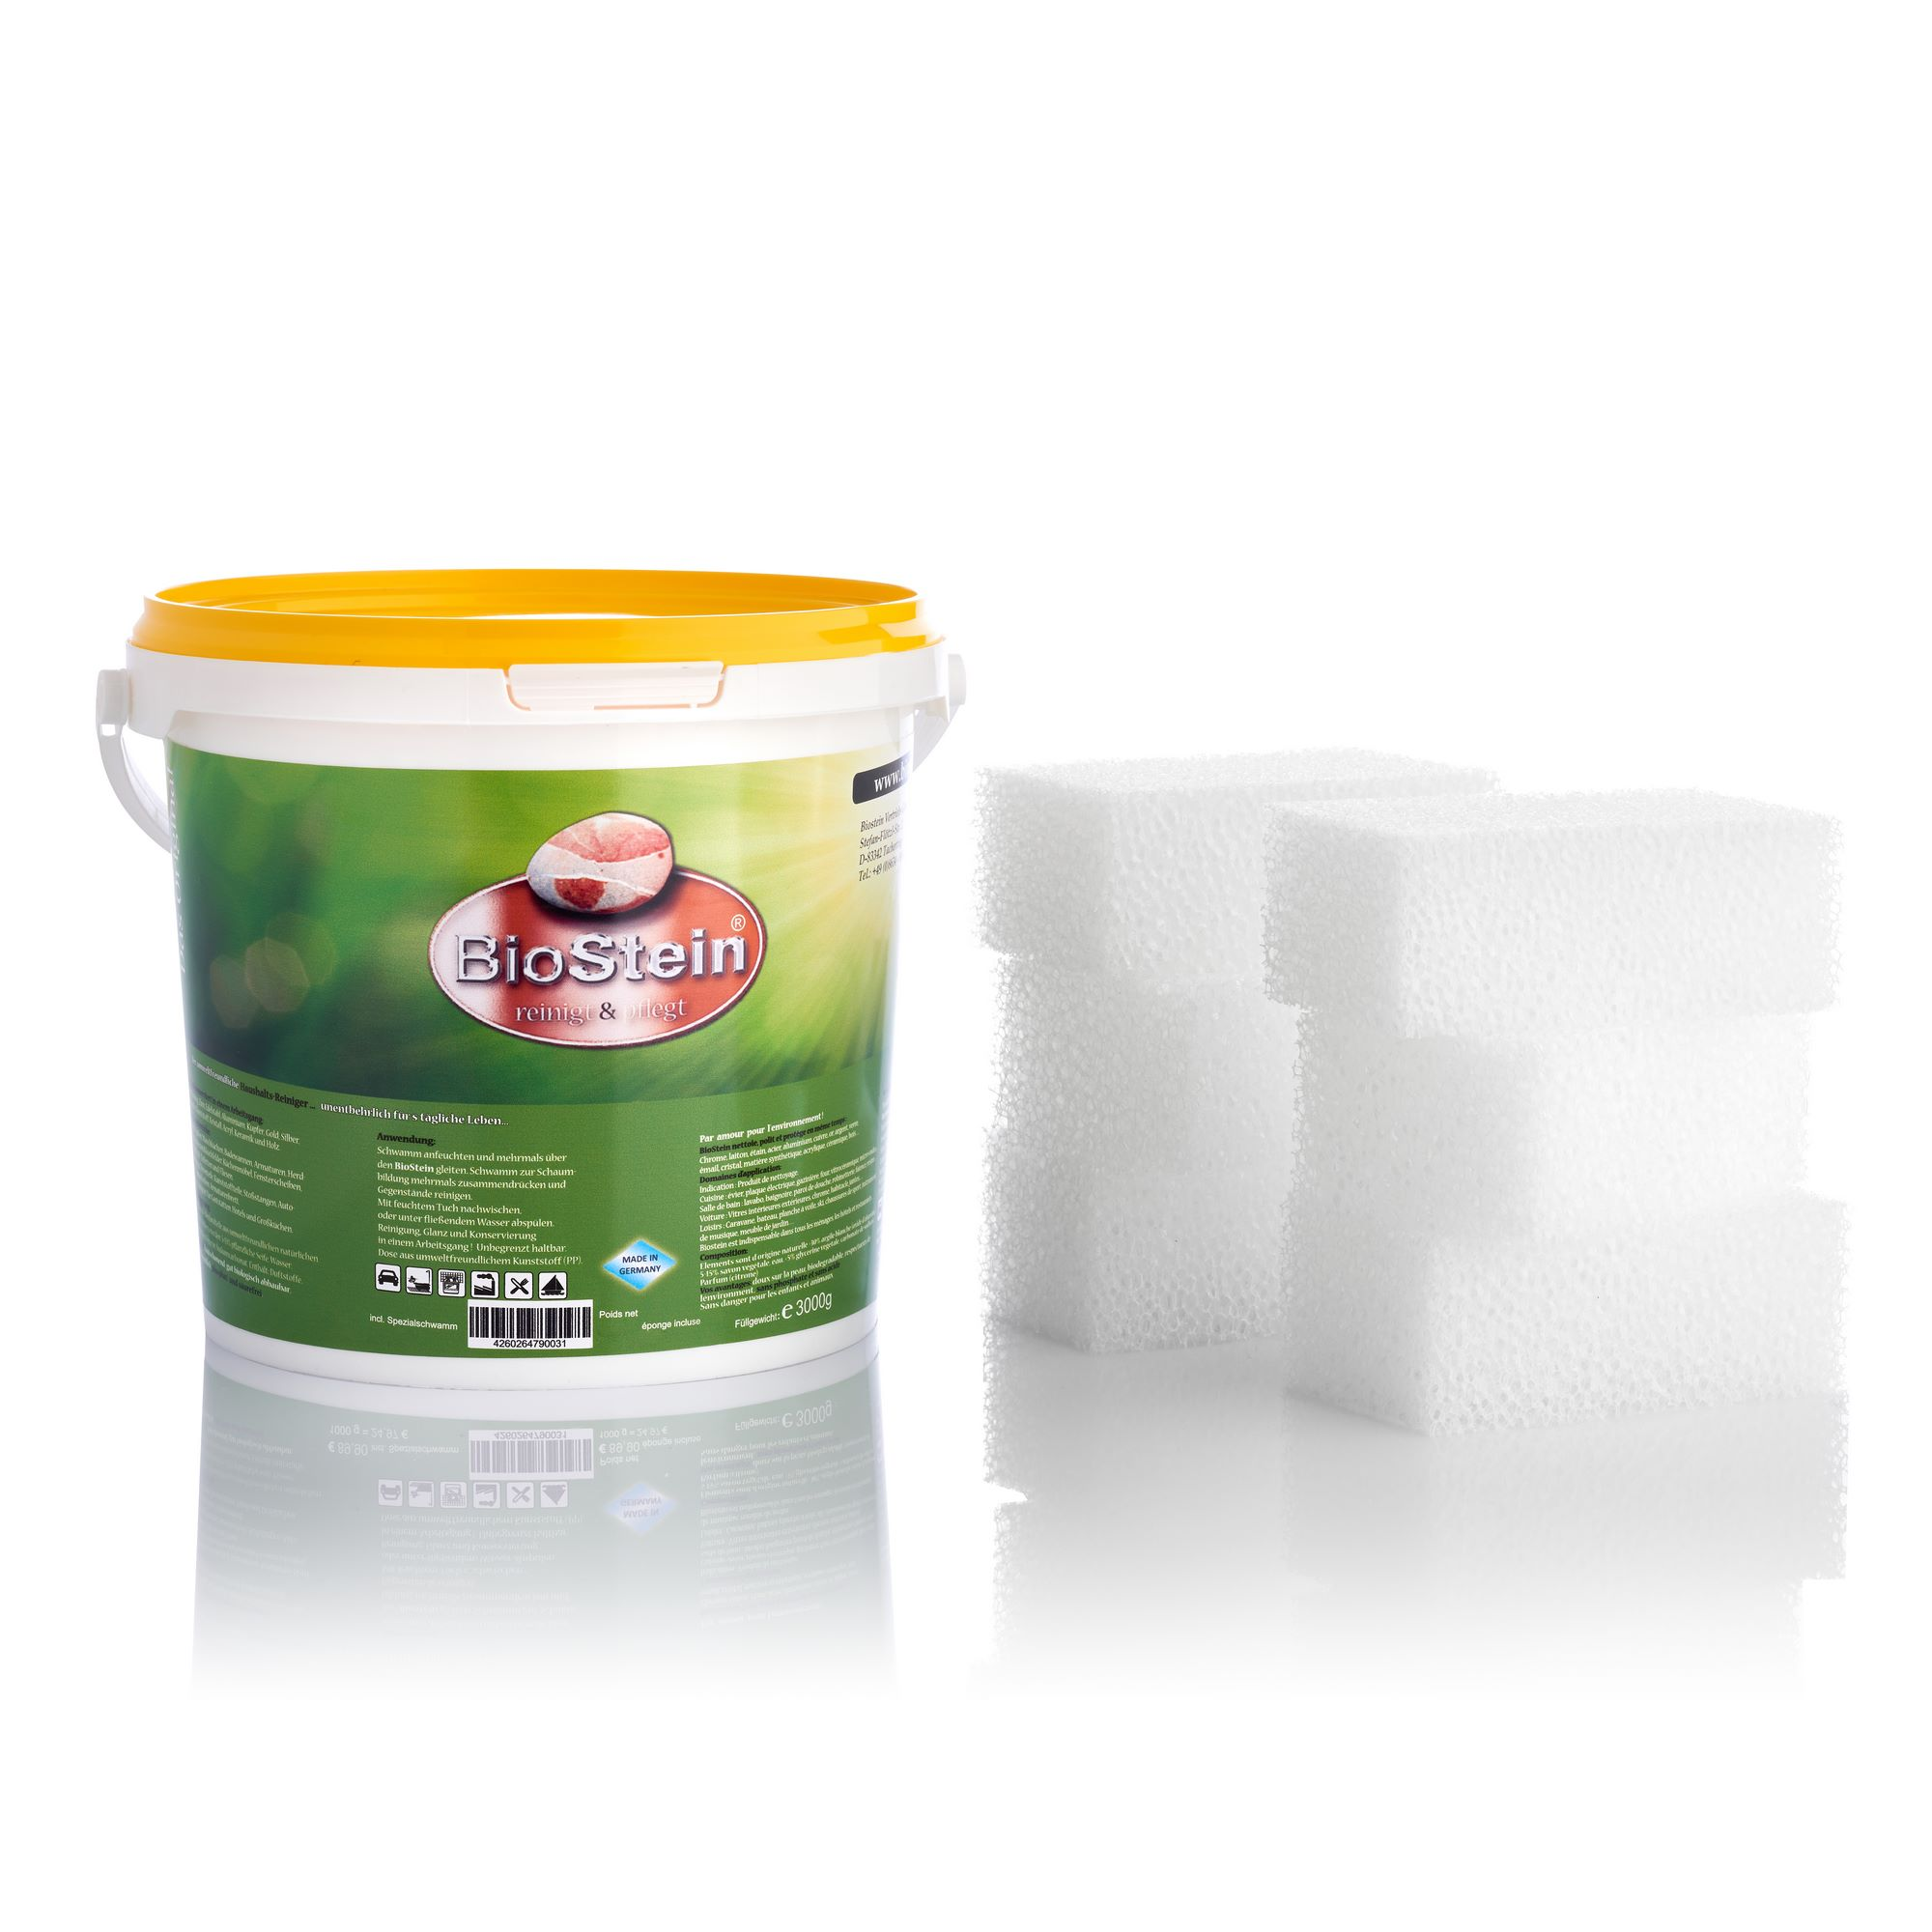 3.2 kg BioStein Universal Cleaner